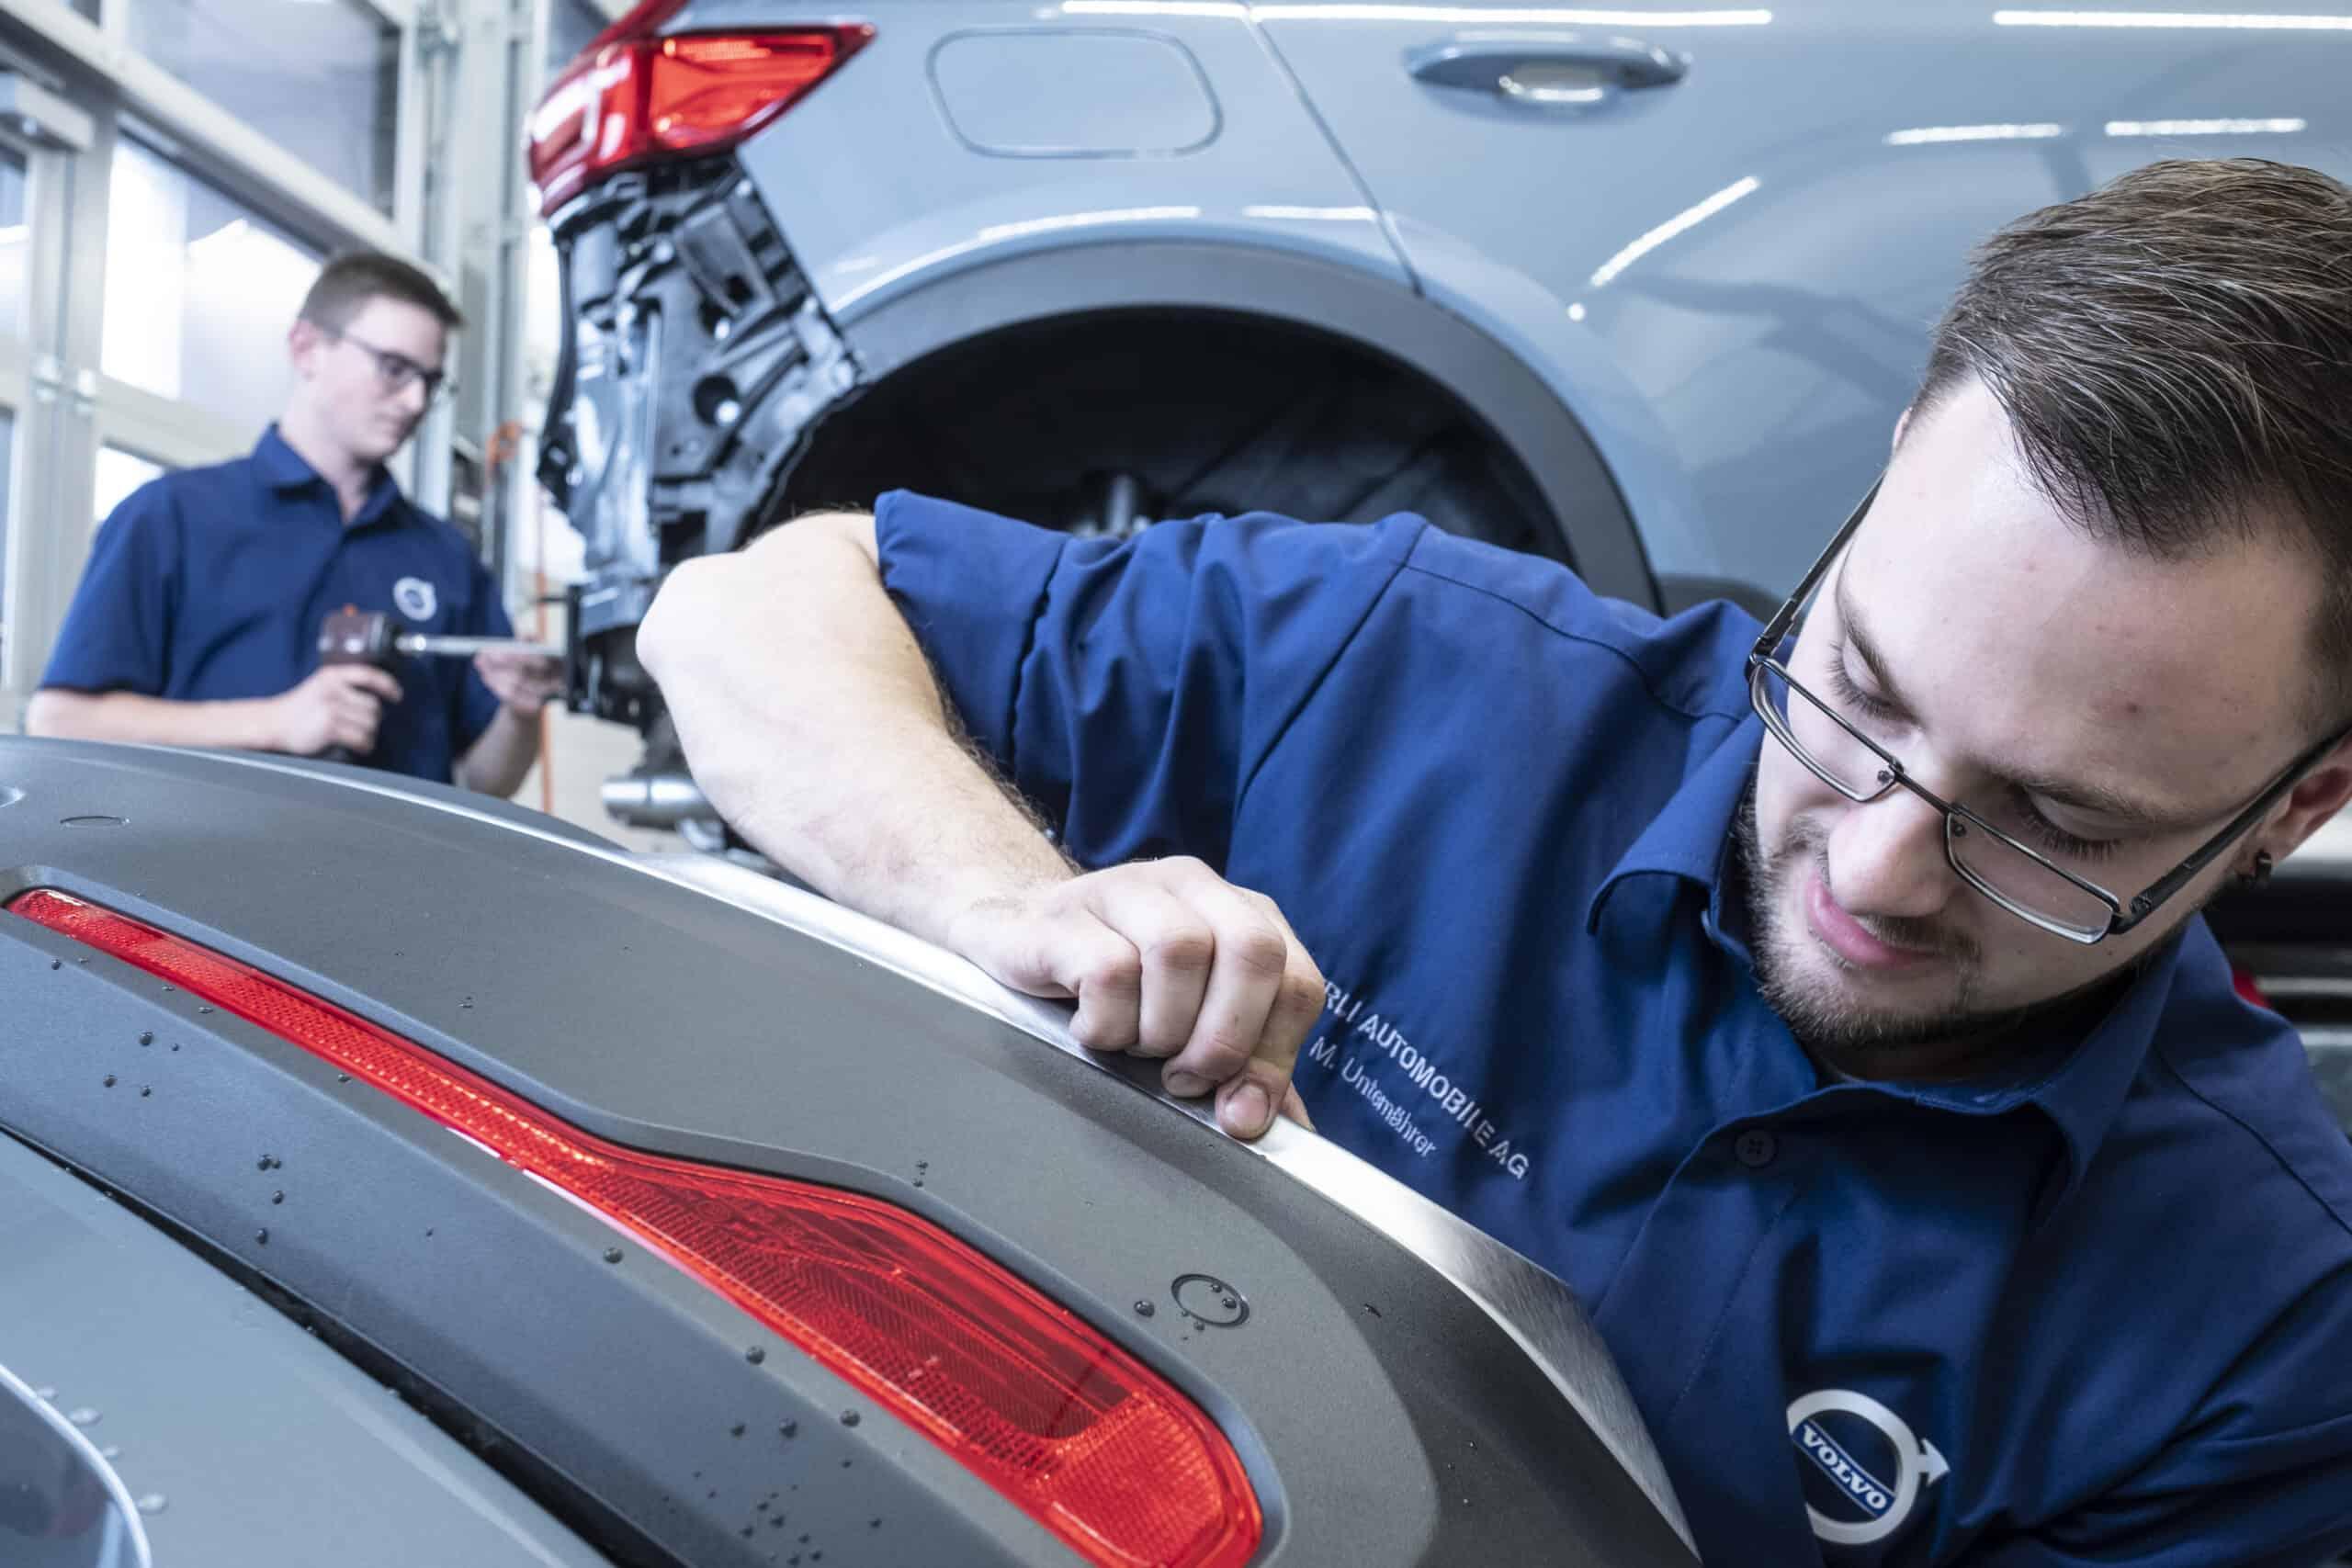 Mechaniker bei der Fahrzeugpolitur